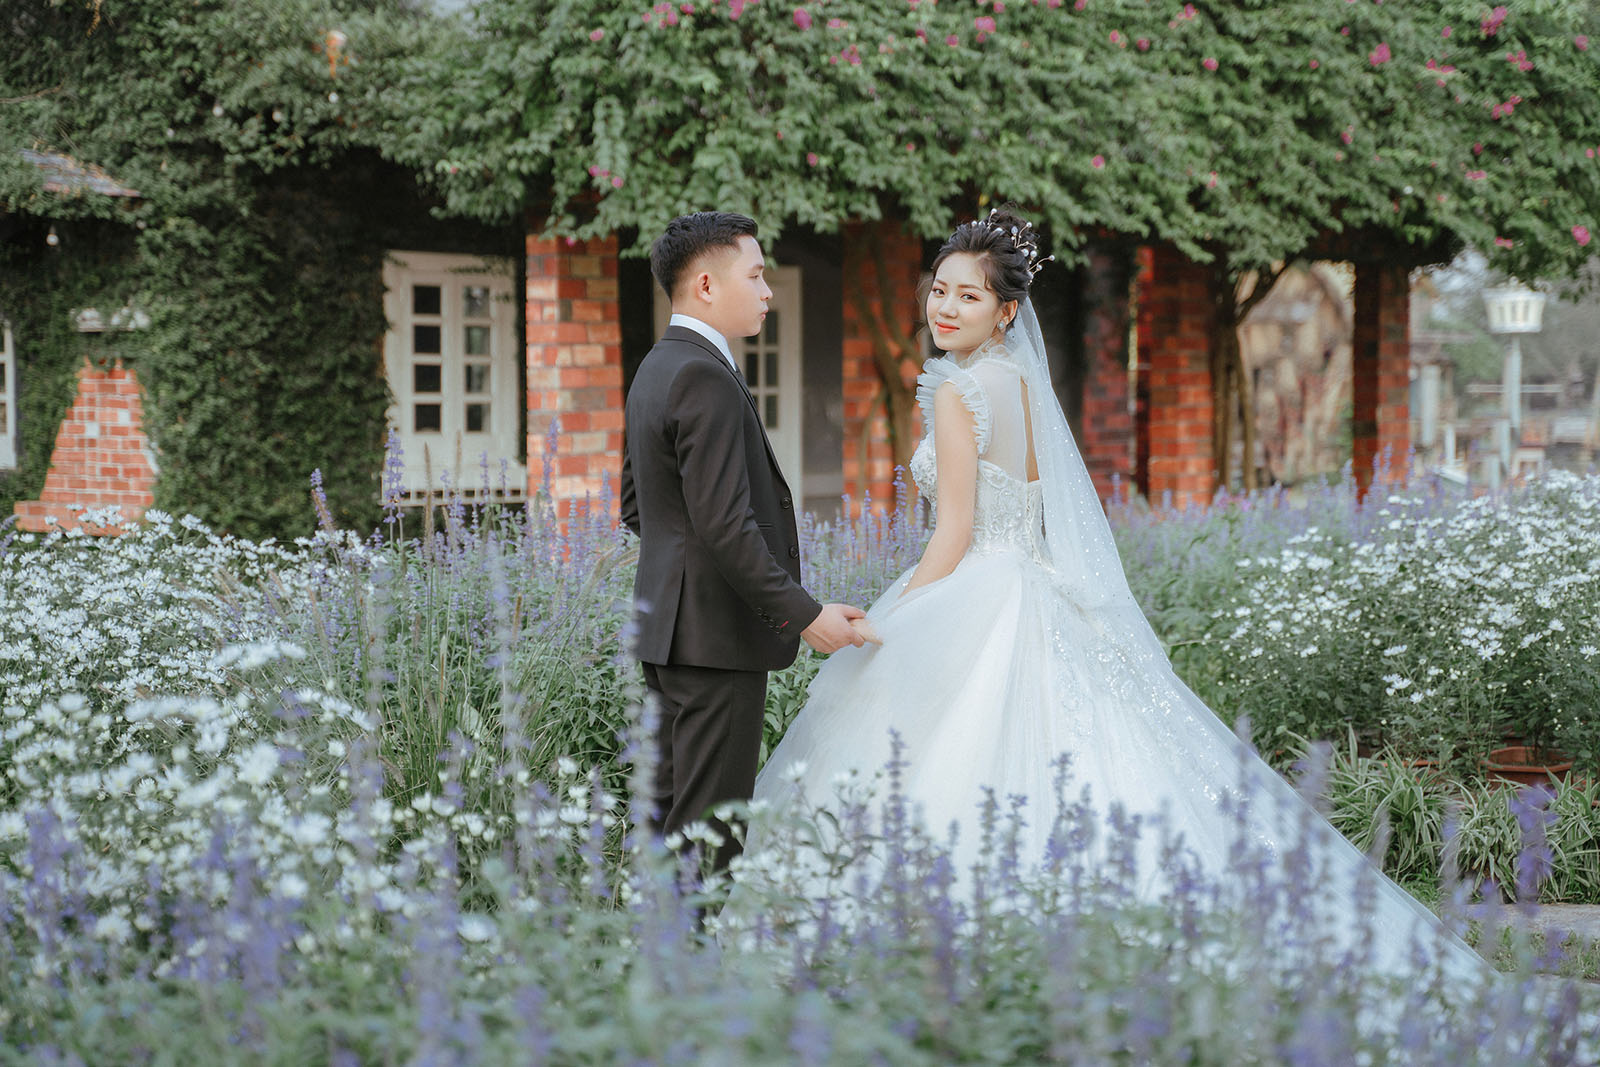 Kinh nghiệm chọn trang phục chụp ảnh cưới phù hợp với concept